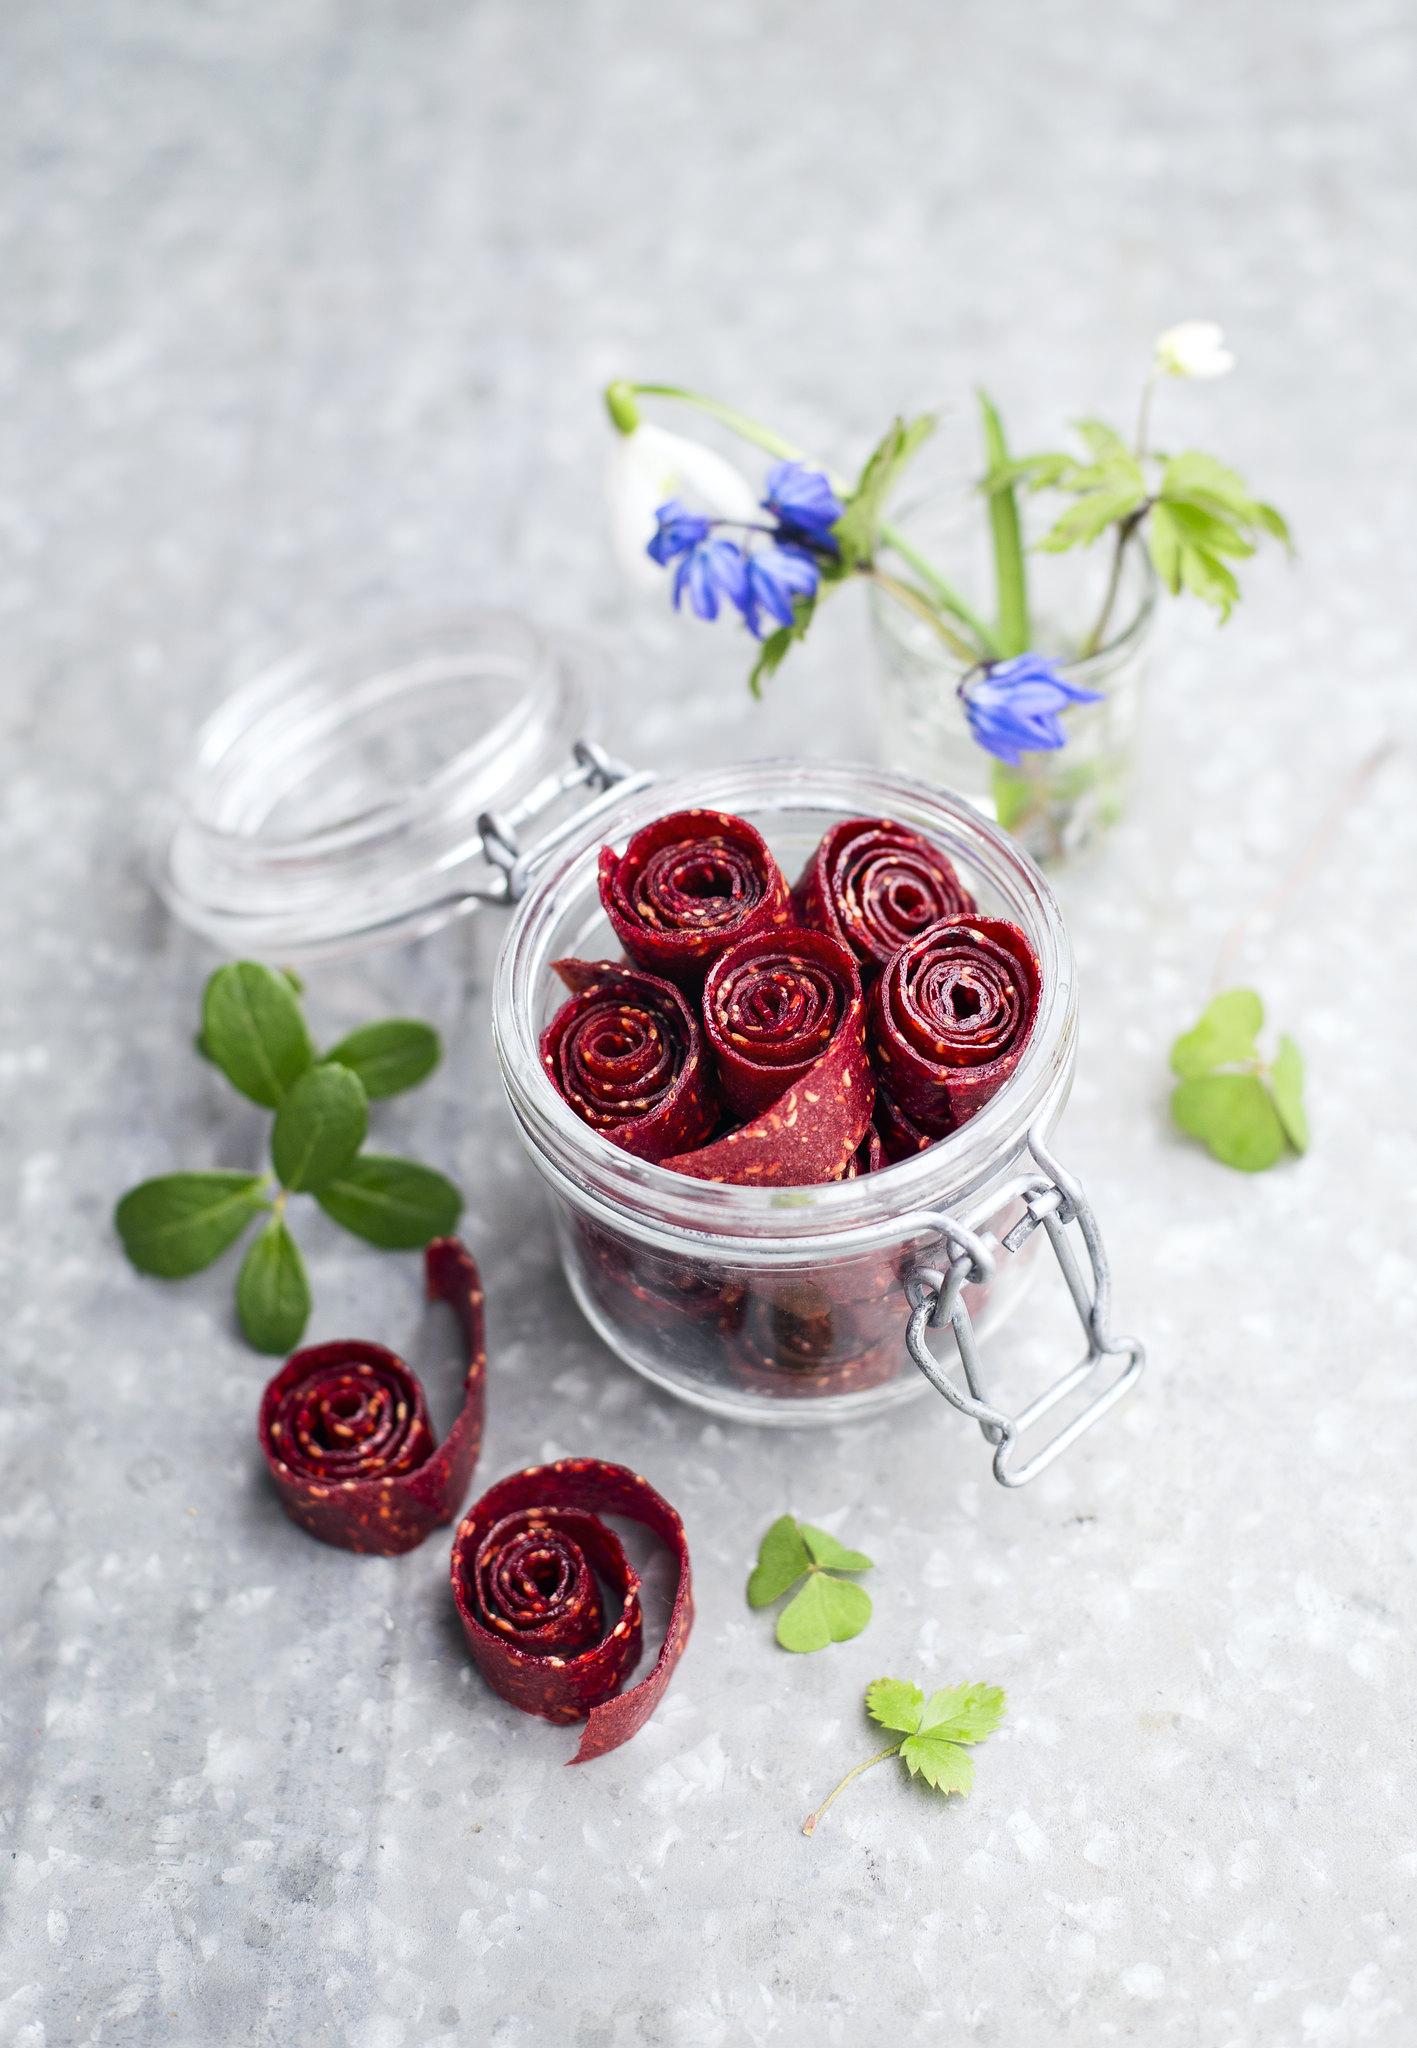 hallon-och-jordgubbsremmar